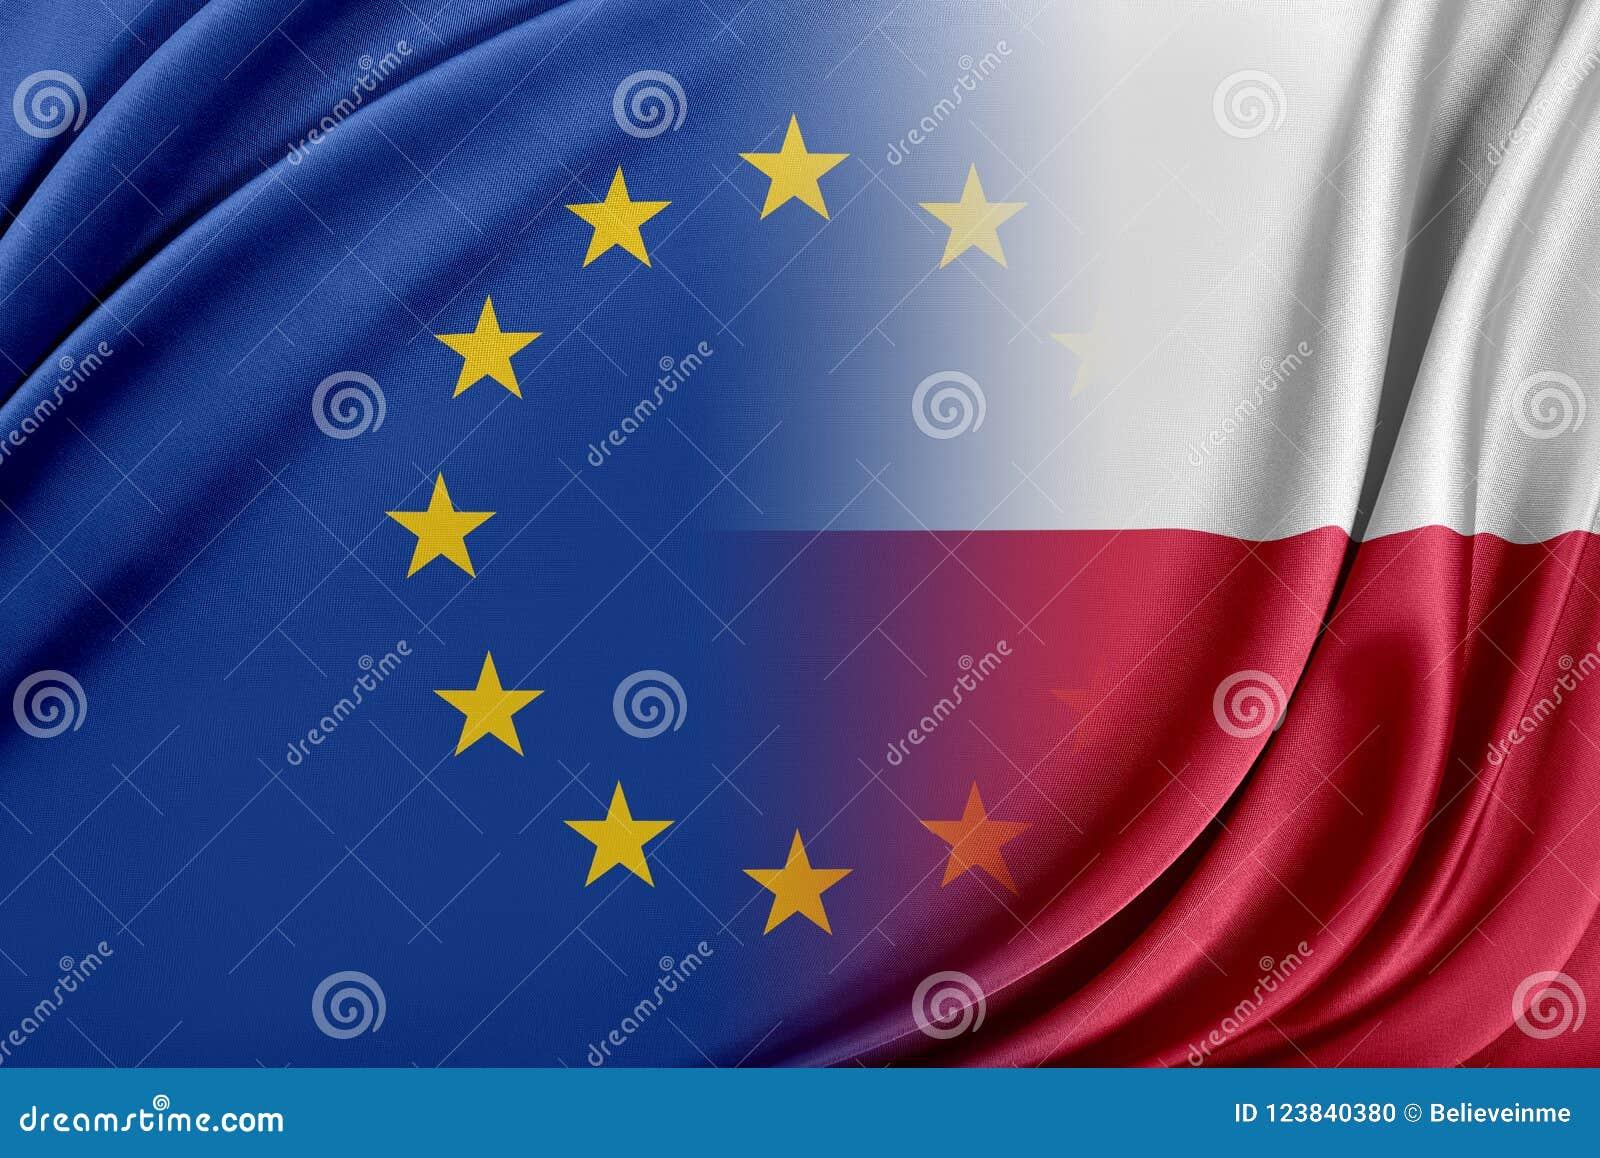 Europeisk union och Polen Begreppet av förhållandet mellan EU och Polen